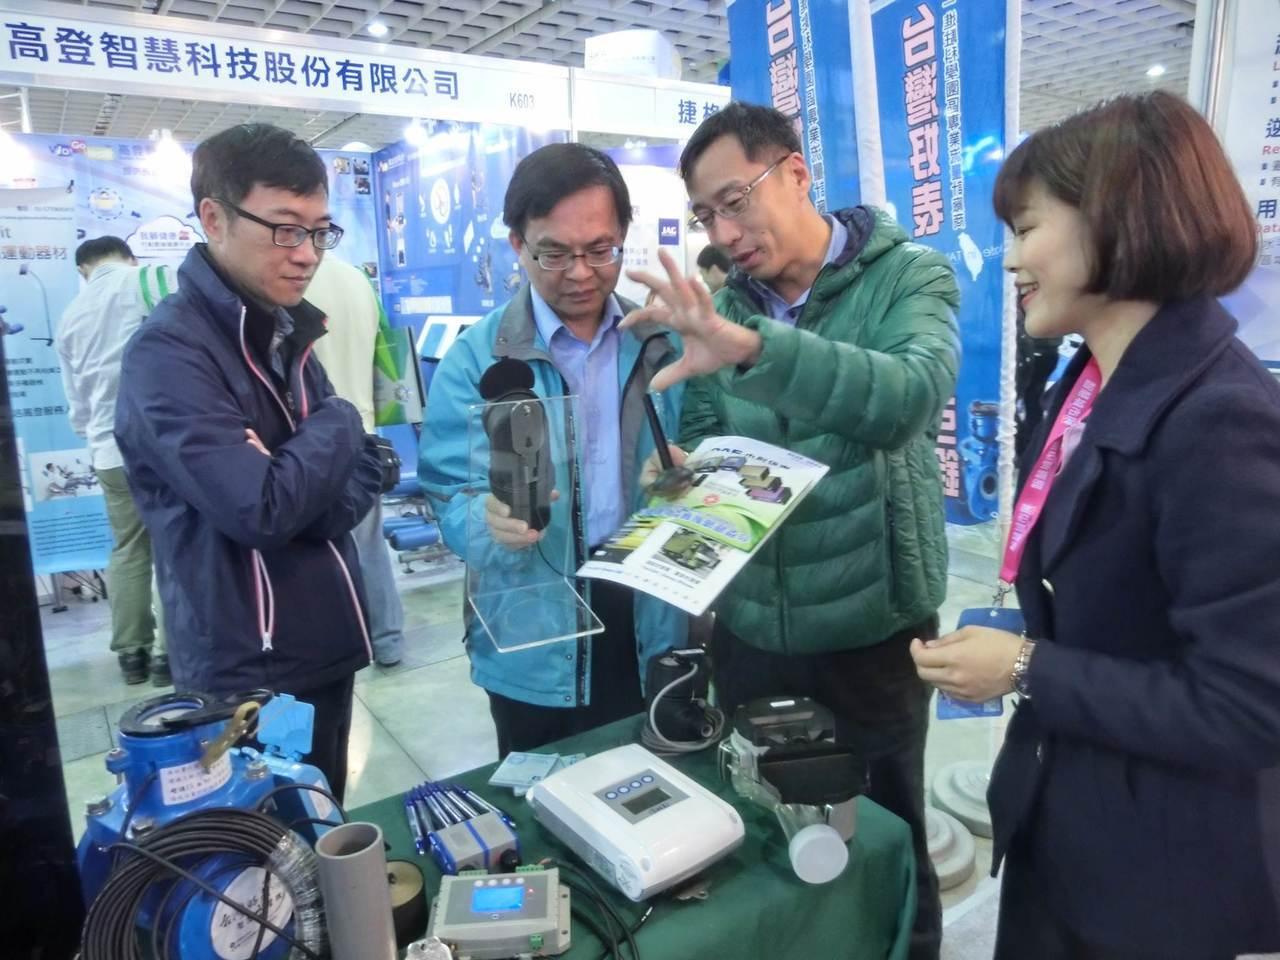 弓銓企業目前也成功將產品銷售東南亞與南非等國家,證明台灣水利產業正是新南向的新...